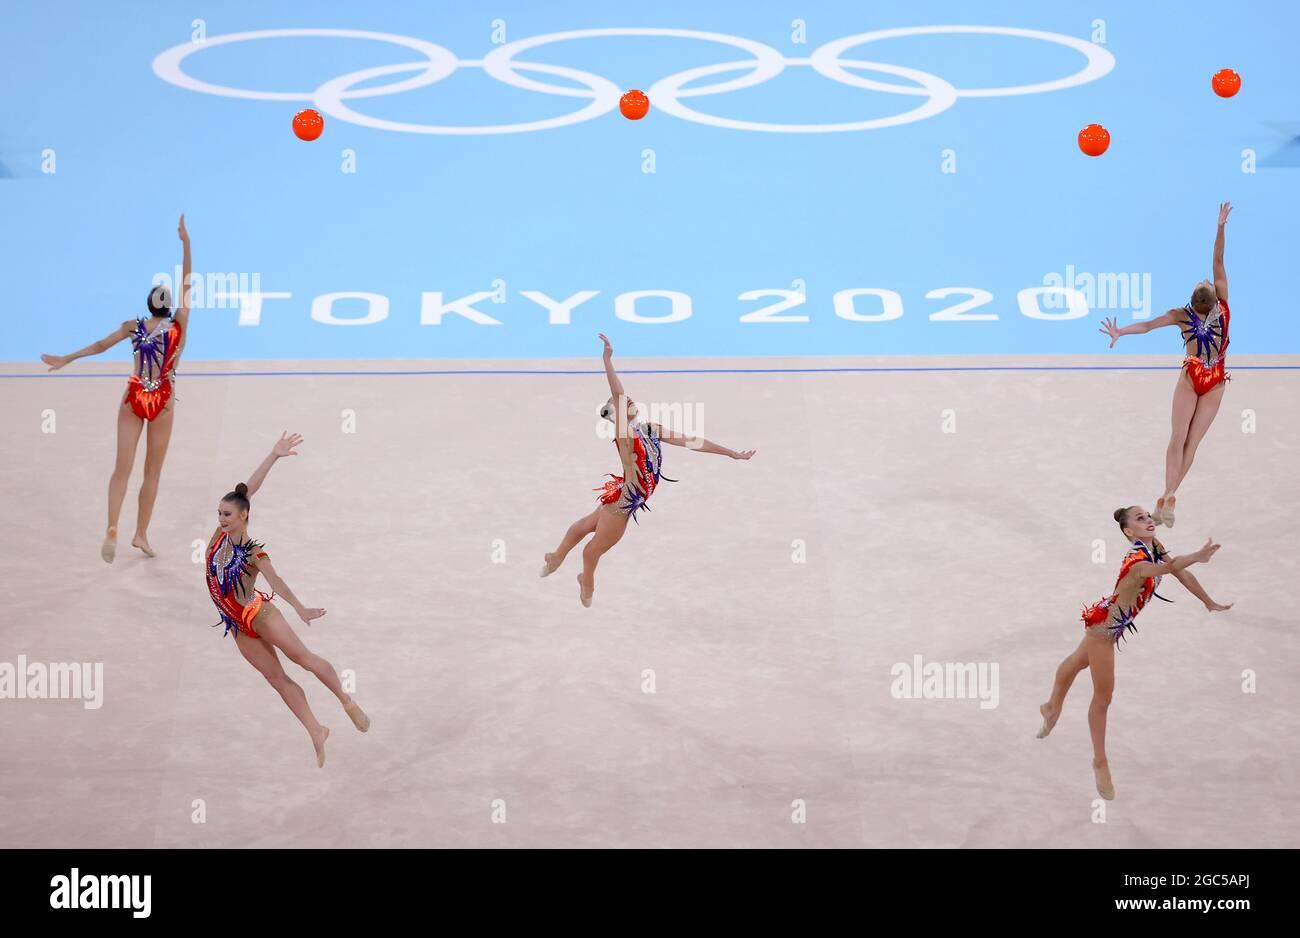 Tokyo 2020 Olimpiadi - Ginnastica - ritmica - Gruppo tutto intorno - qualificazione - Centro di Ginnastica Ariake, Tokyo, Giappone - 7 agosto 2021. Team Belarus in azione con le palle durante la competizione REUTERS/Lindsey Wasson Foto Stock